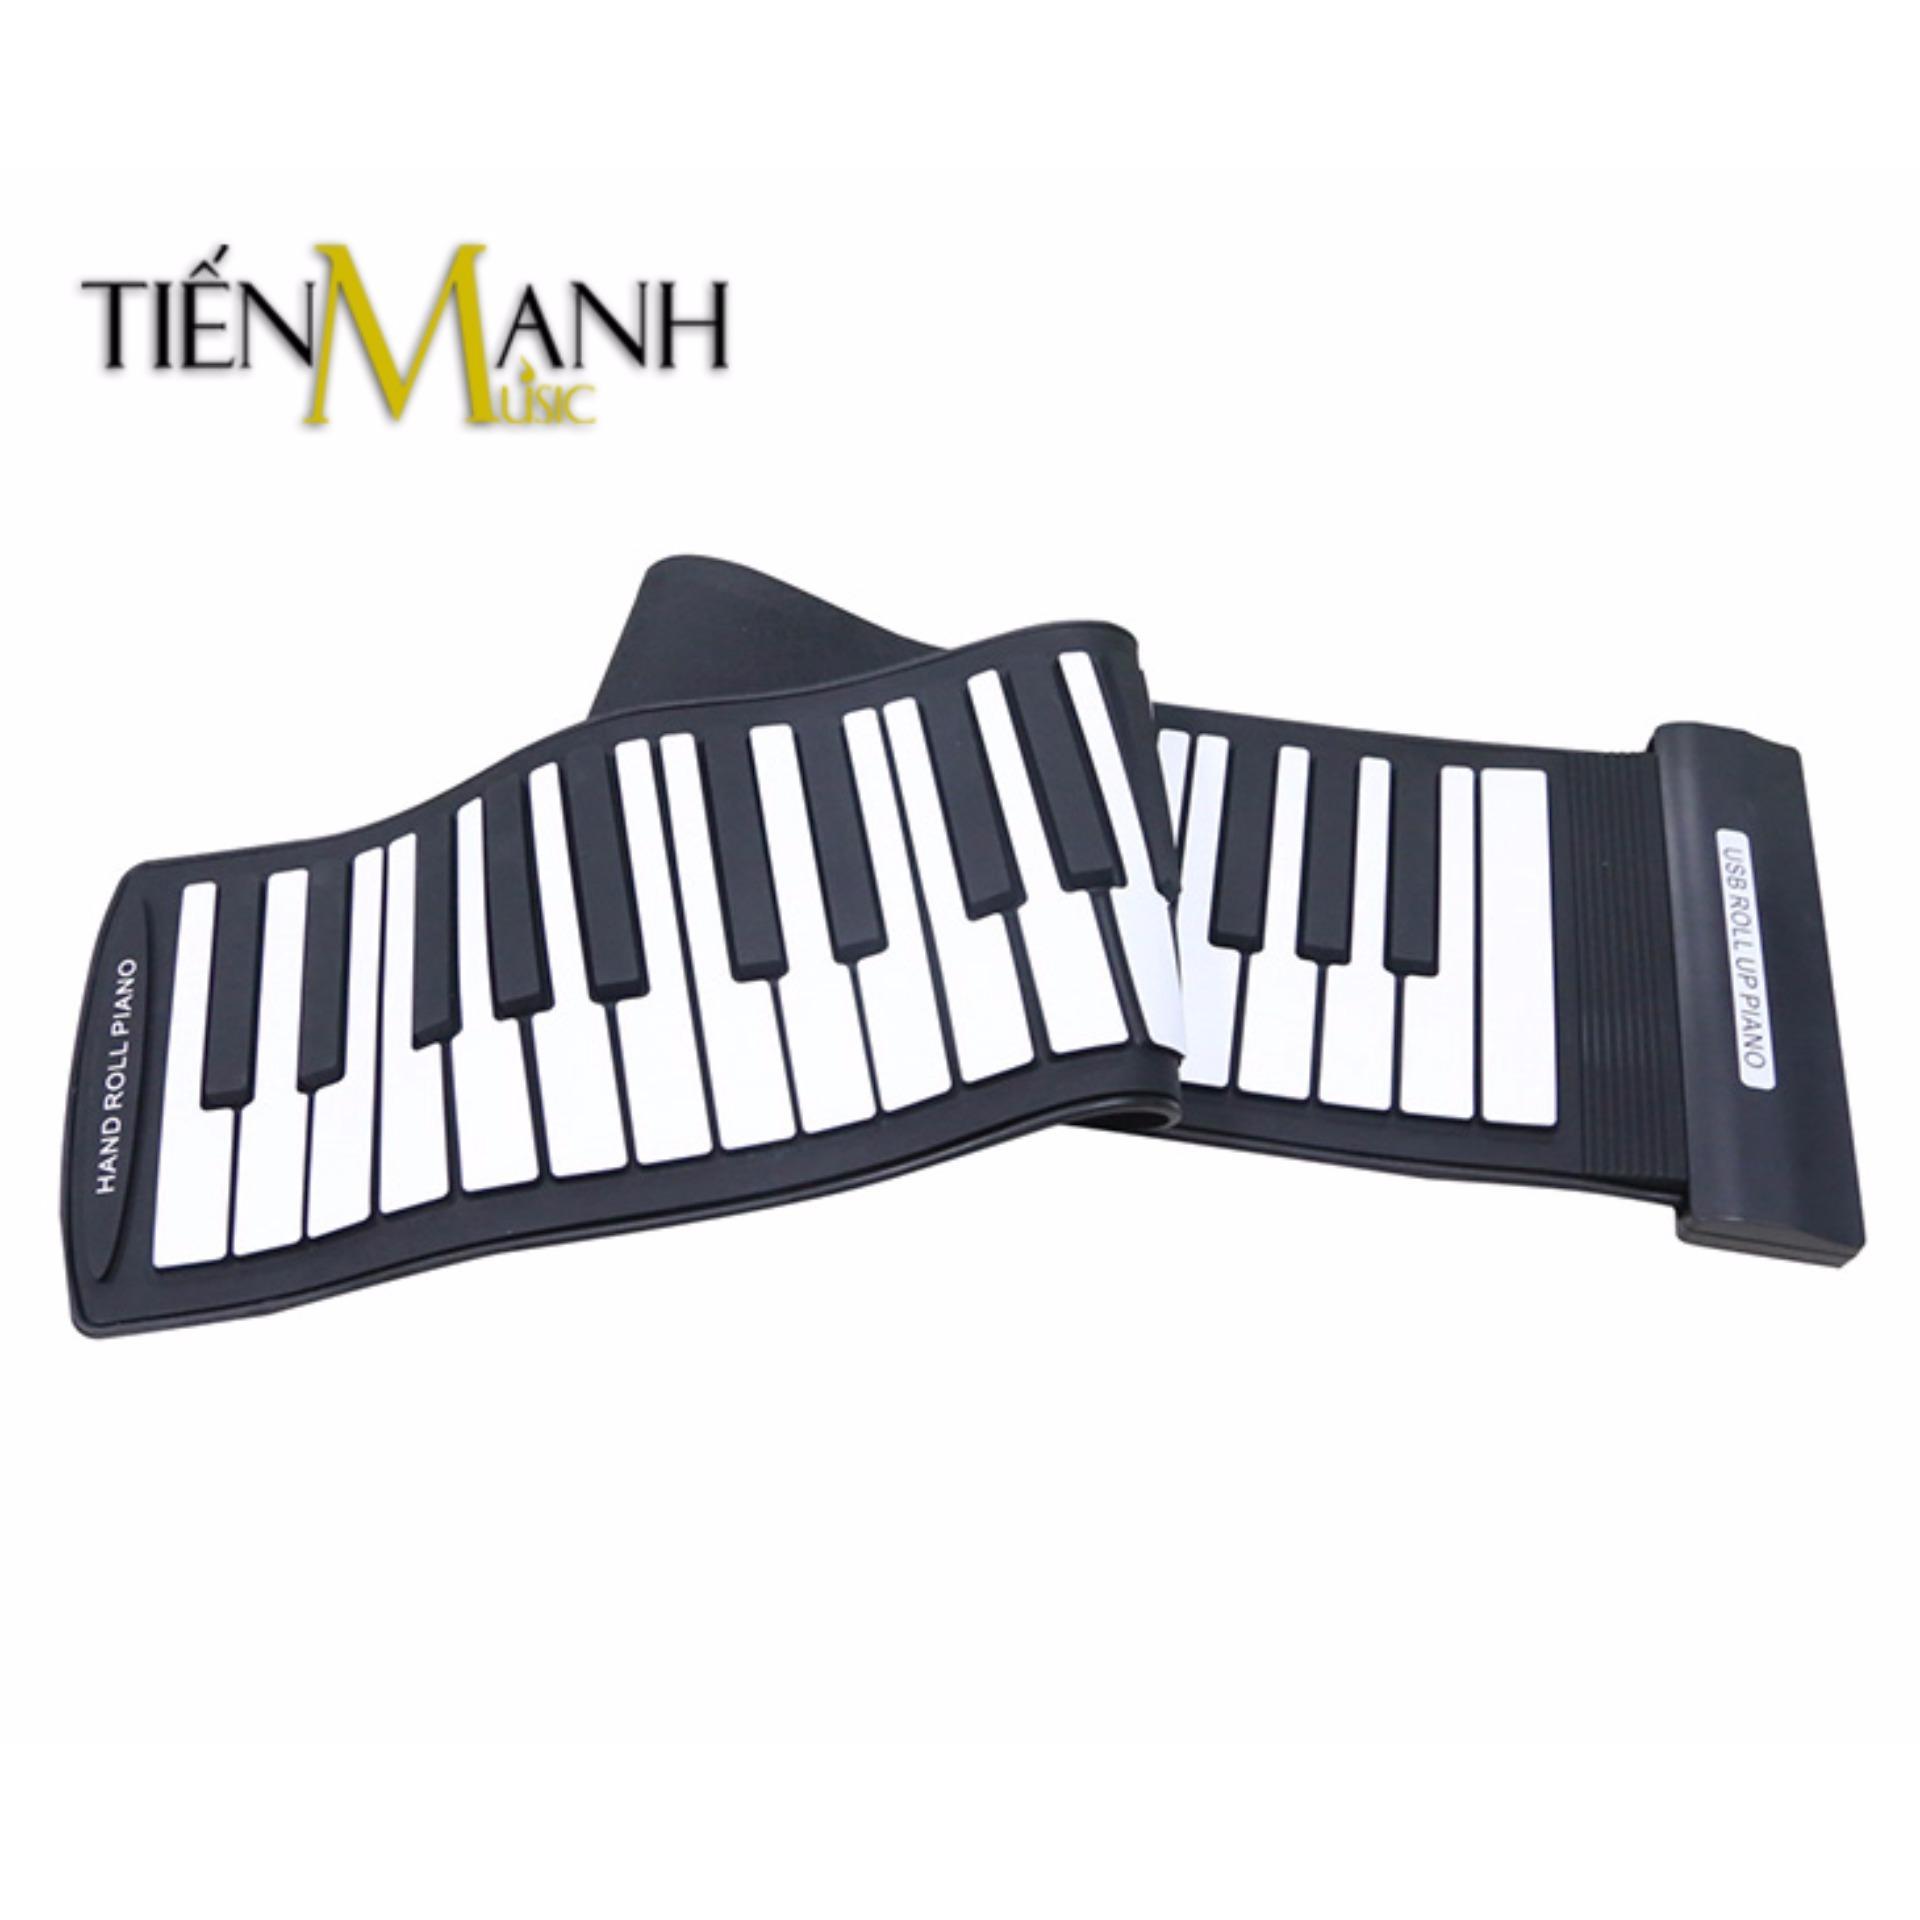 Đàn Piano Konix 61 phím cuộn mềm dẻo Flexible MD61S (Roll Up Piano hỗ trợ kết nối máy tính – Có cáp kết nối USB – Midi Keyboard Controller)